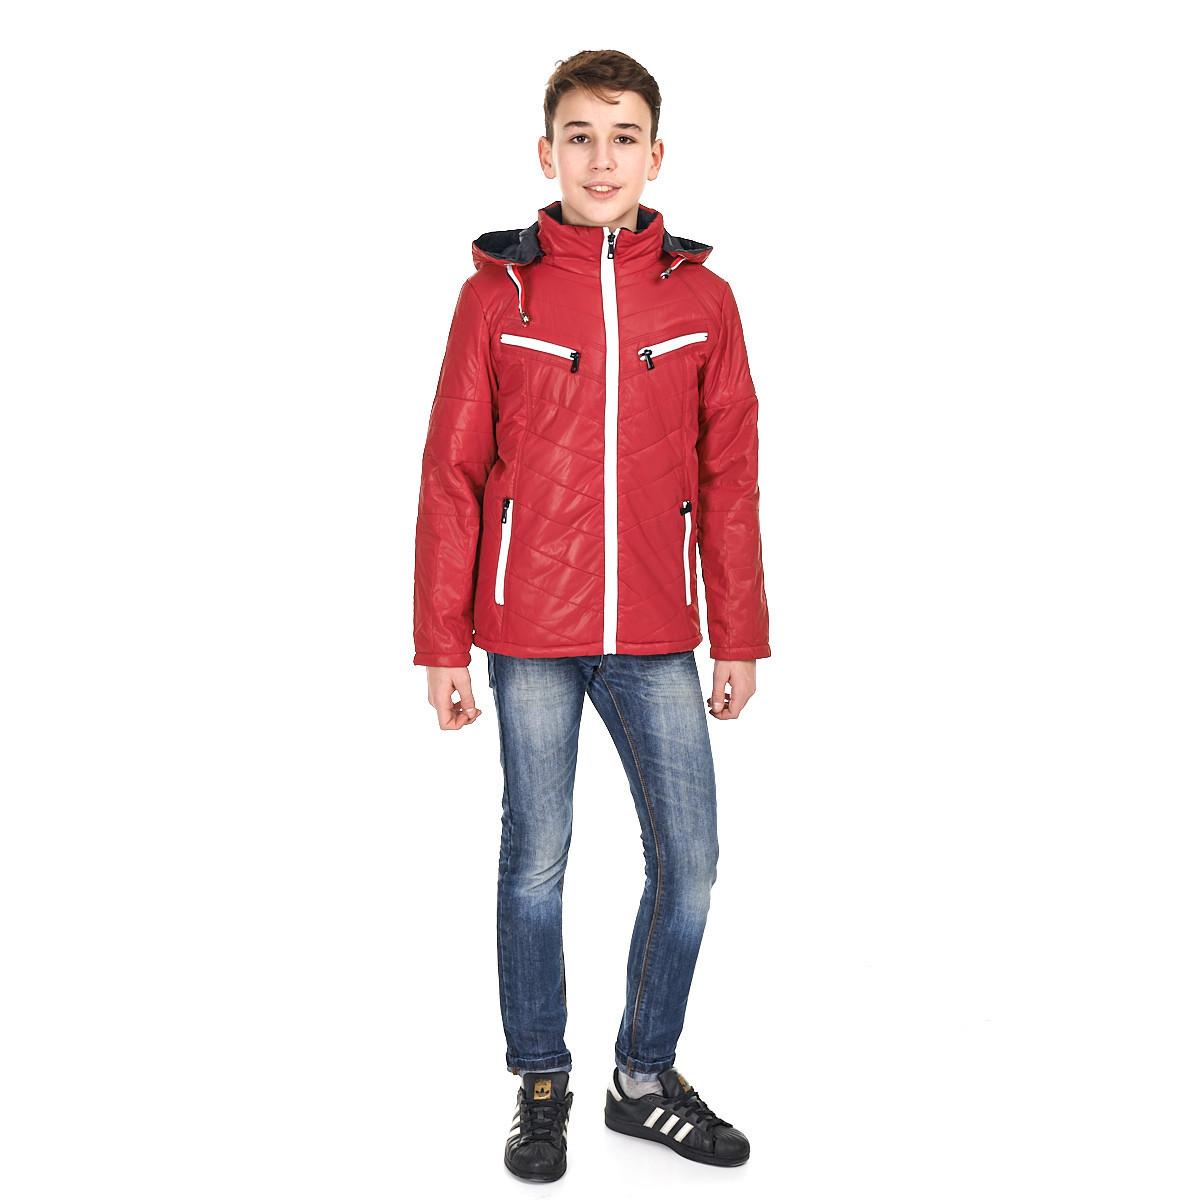 Весенняя куртка на мальчика от 9 до 14 лет, есть много размеров и замеры 146